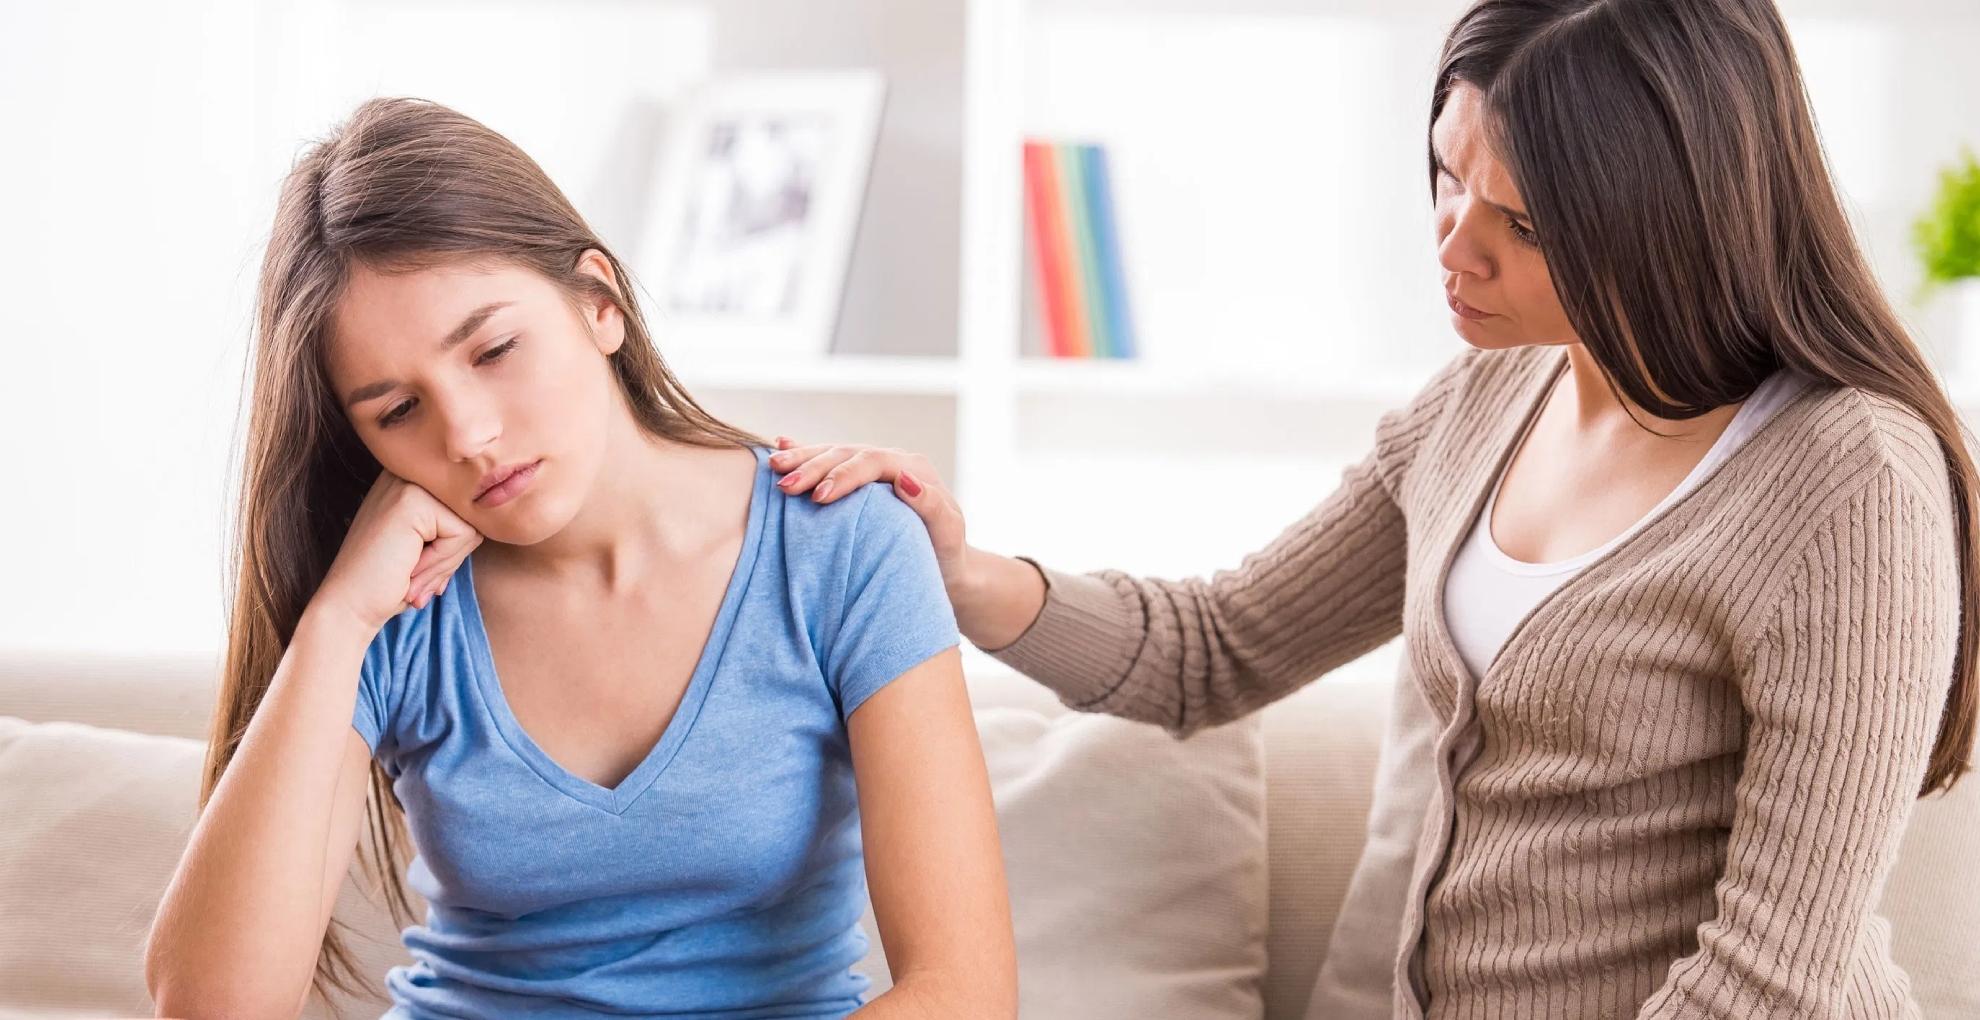 Realtionship Tips: अपनी मां से कभी ना छिपाएं ये 5 बातें, वरना मुसीबत में पड़ सकती हैं आप